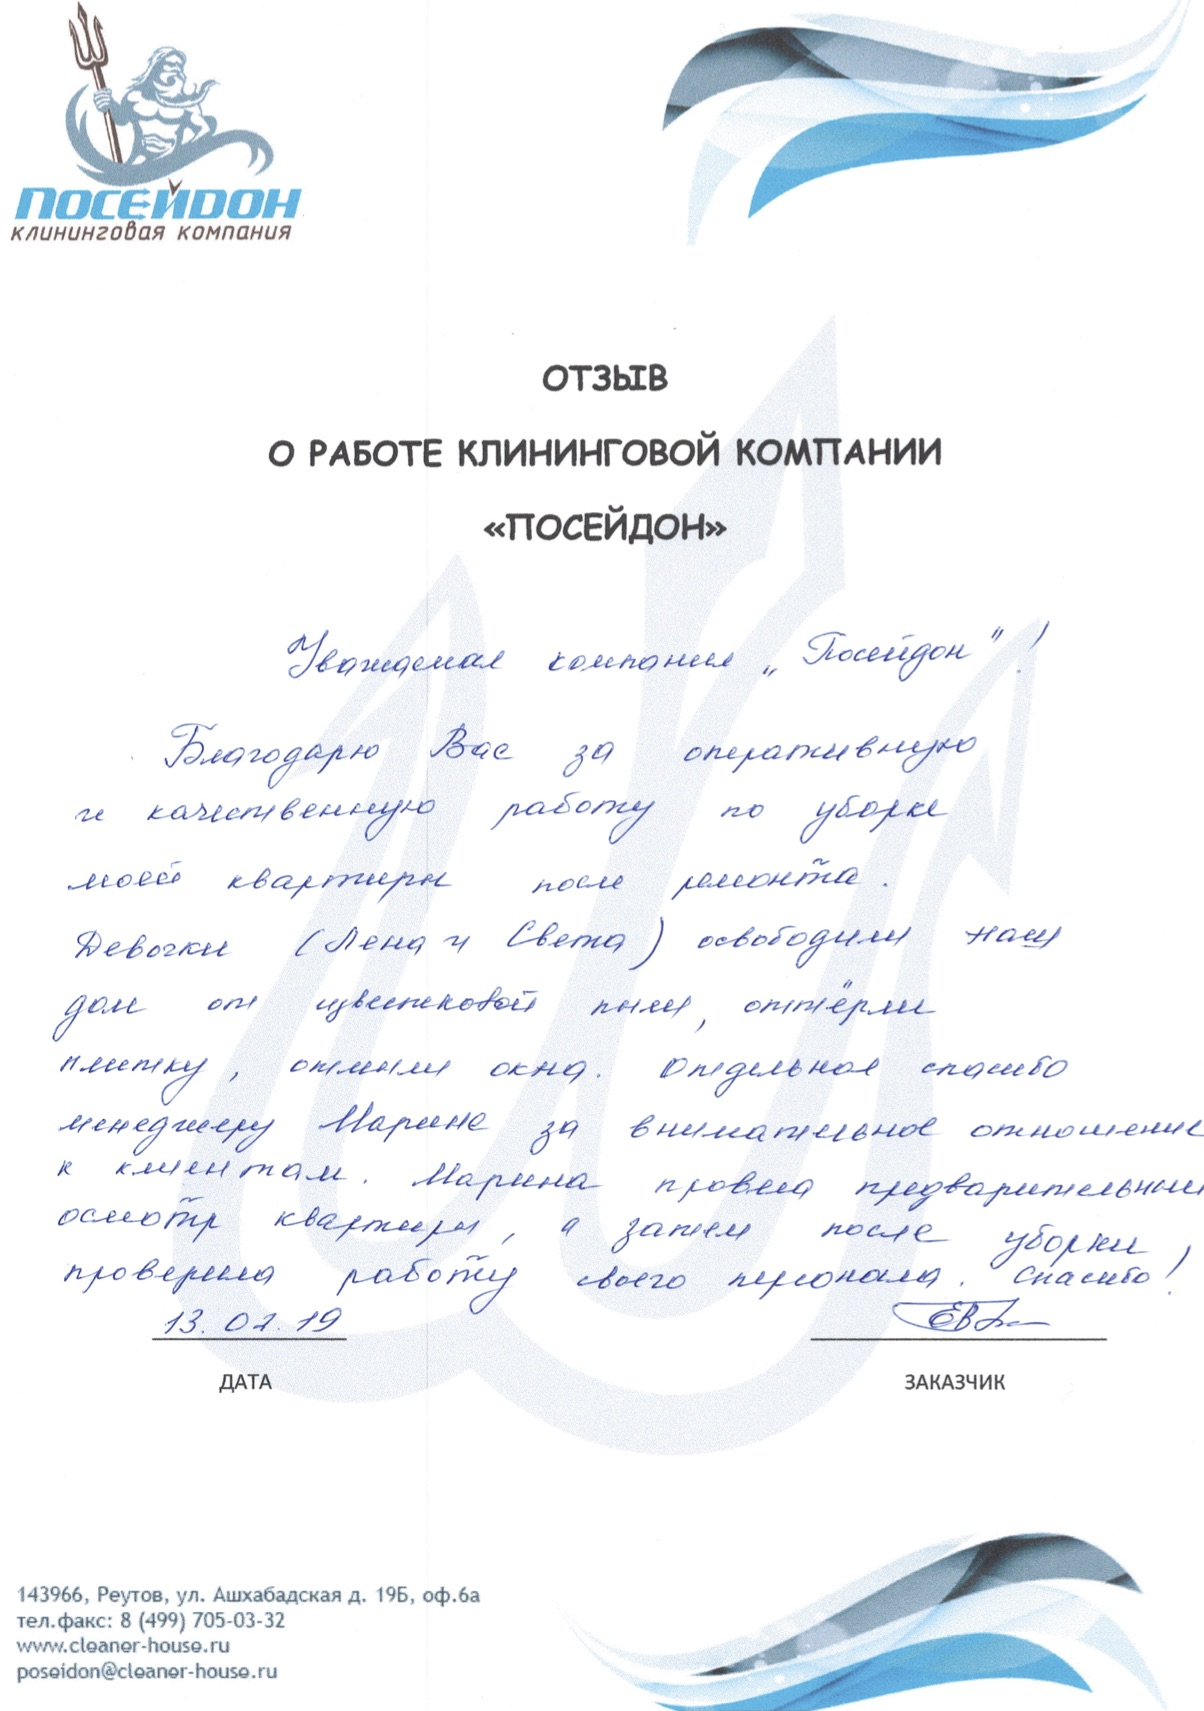 Клининговая компания и отзыв об уборке №81508